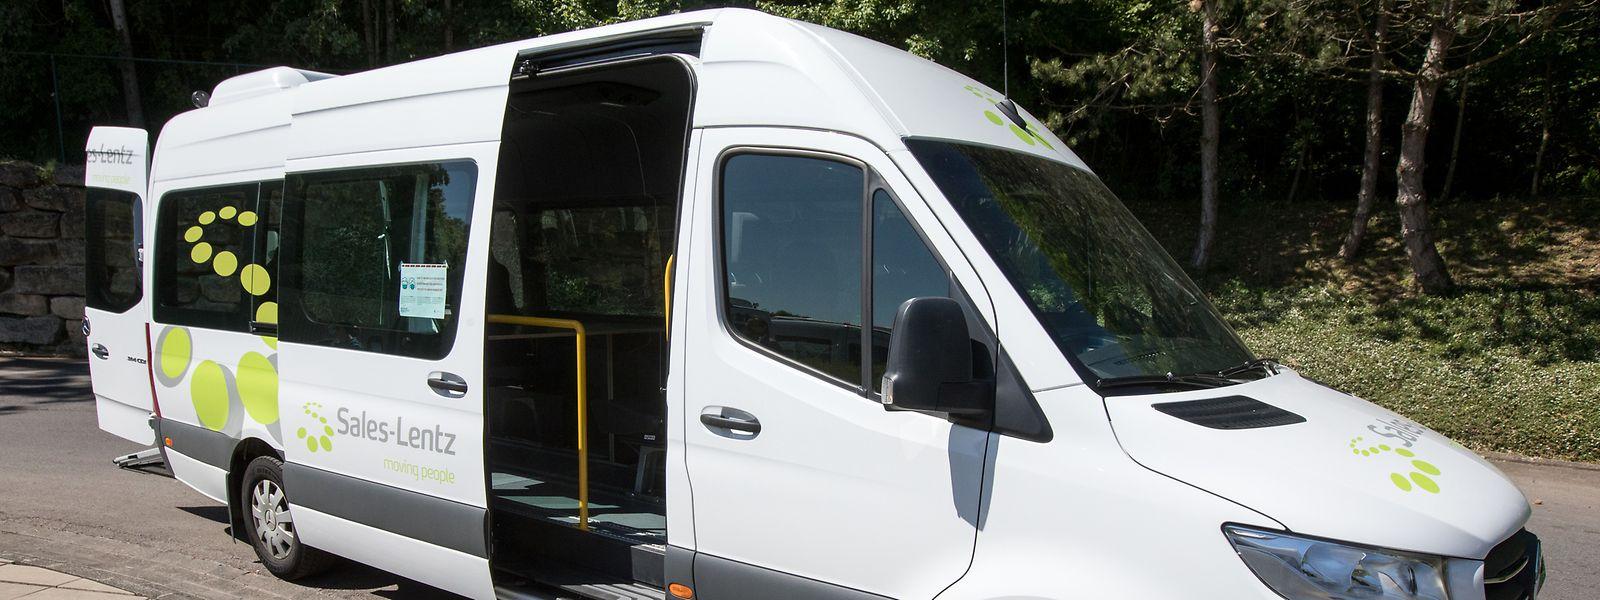 Bitte einsteigen: Die Sales-Lentz-Gruppe baut Minibusse um, um das Wiedersehen mit der Familie möglich zu machen.